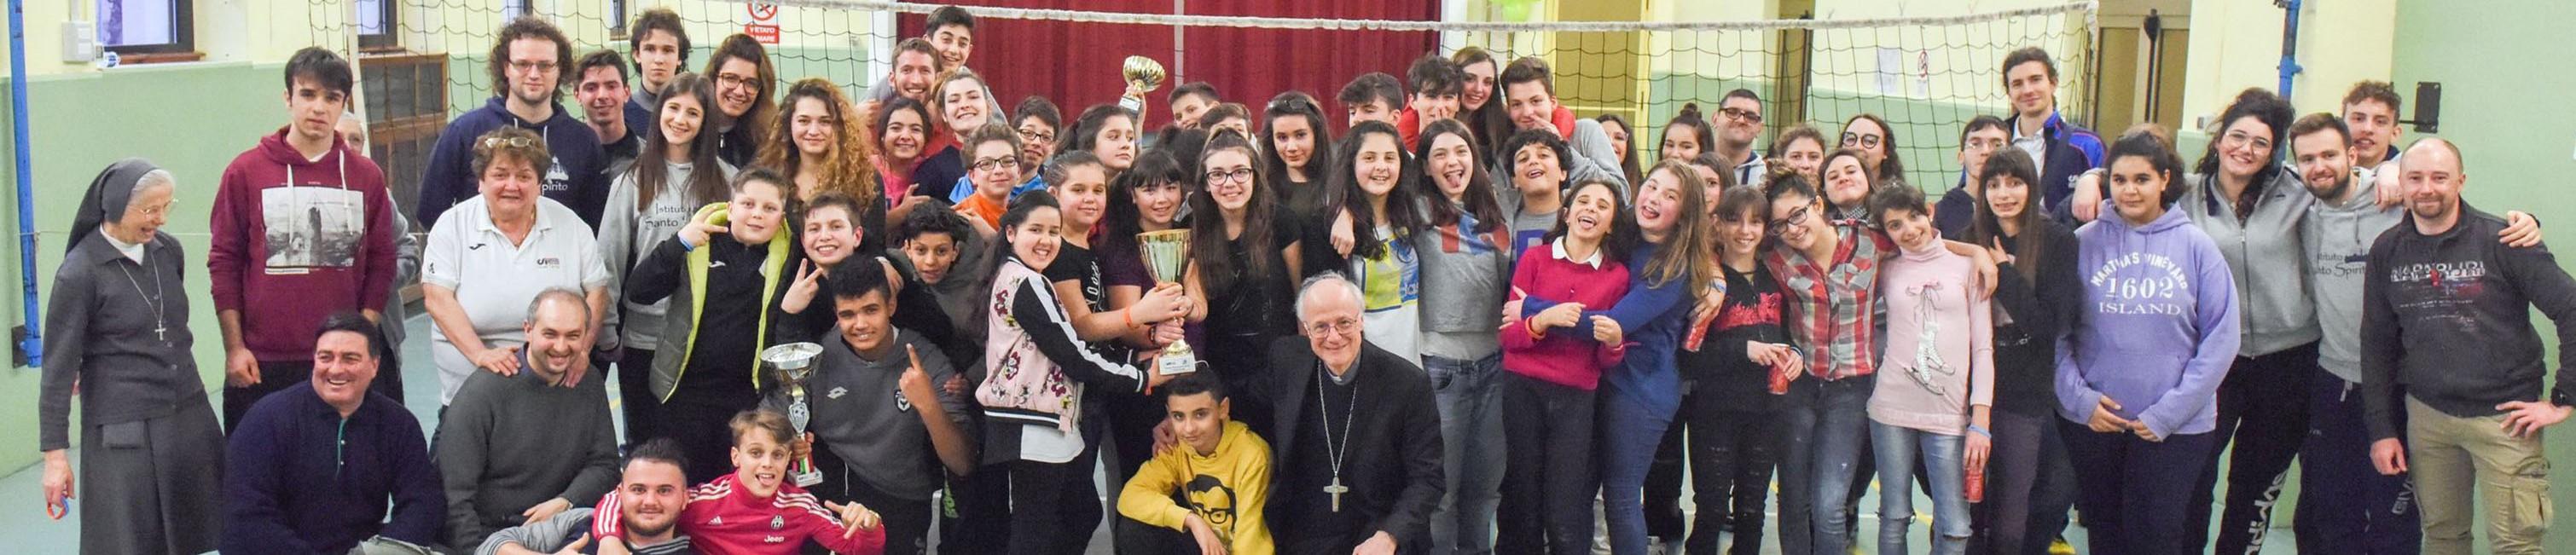 Acqui Terme: Festa Giovani all'Istituto Santo Spirito